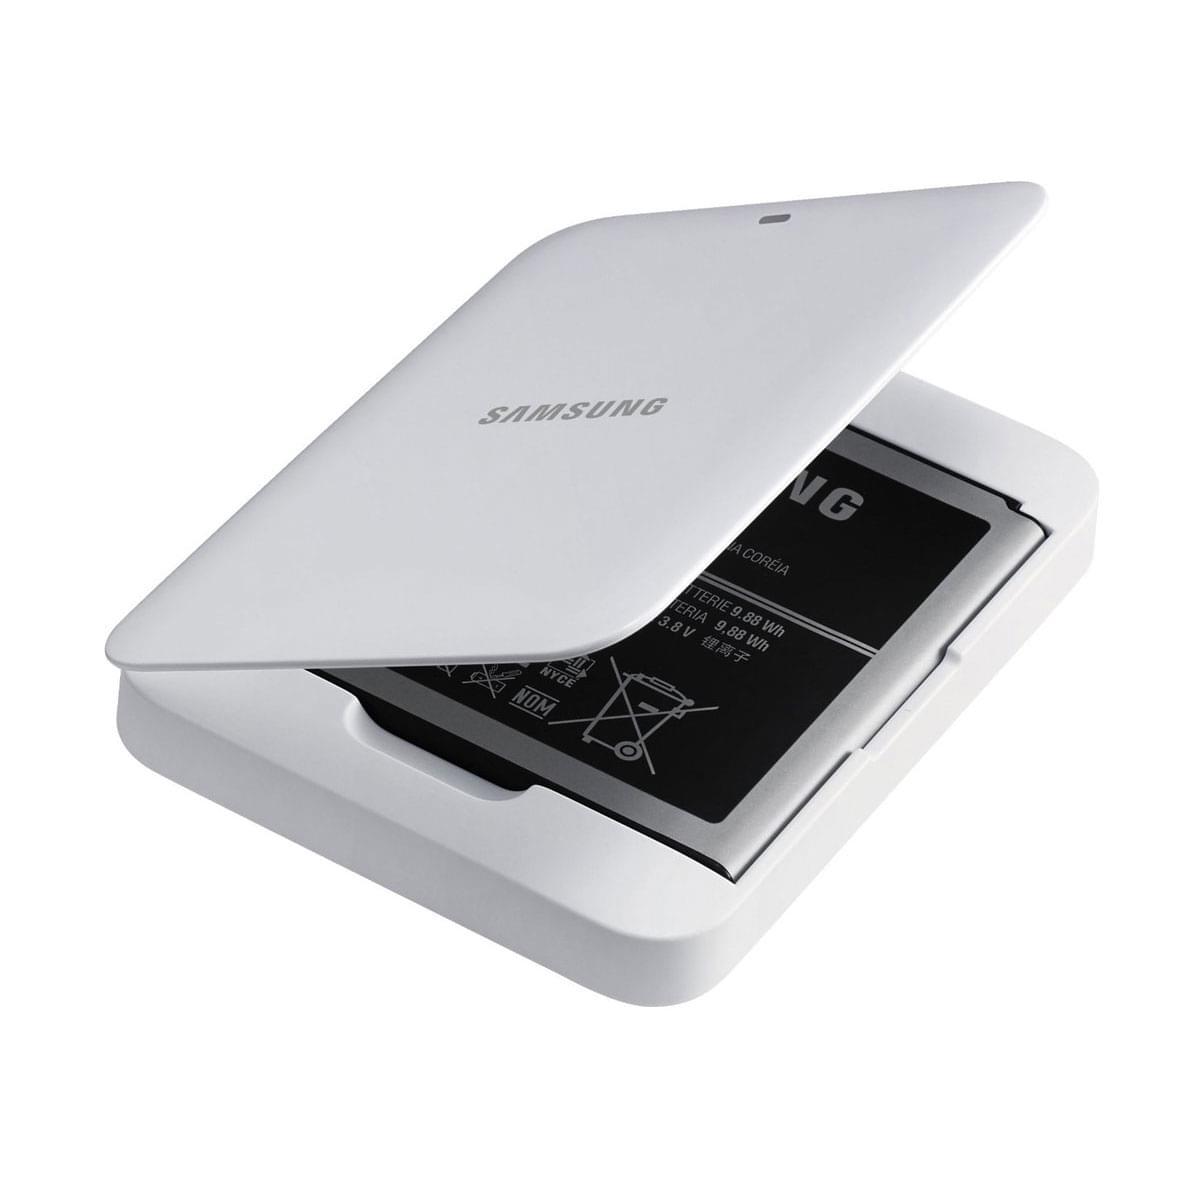 Samsung Kit Batterie+Chargeur pour Galaxy S4 (EB-K600BEWEGWW) - Achat / Vente Accessoire Téléphonie sur Cybertek.fr - 0